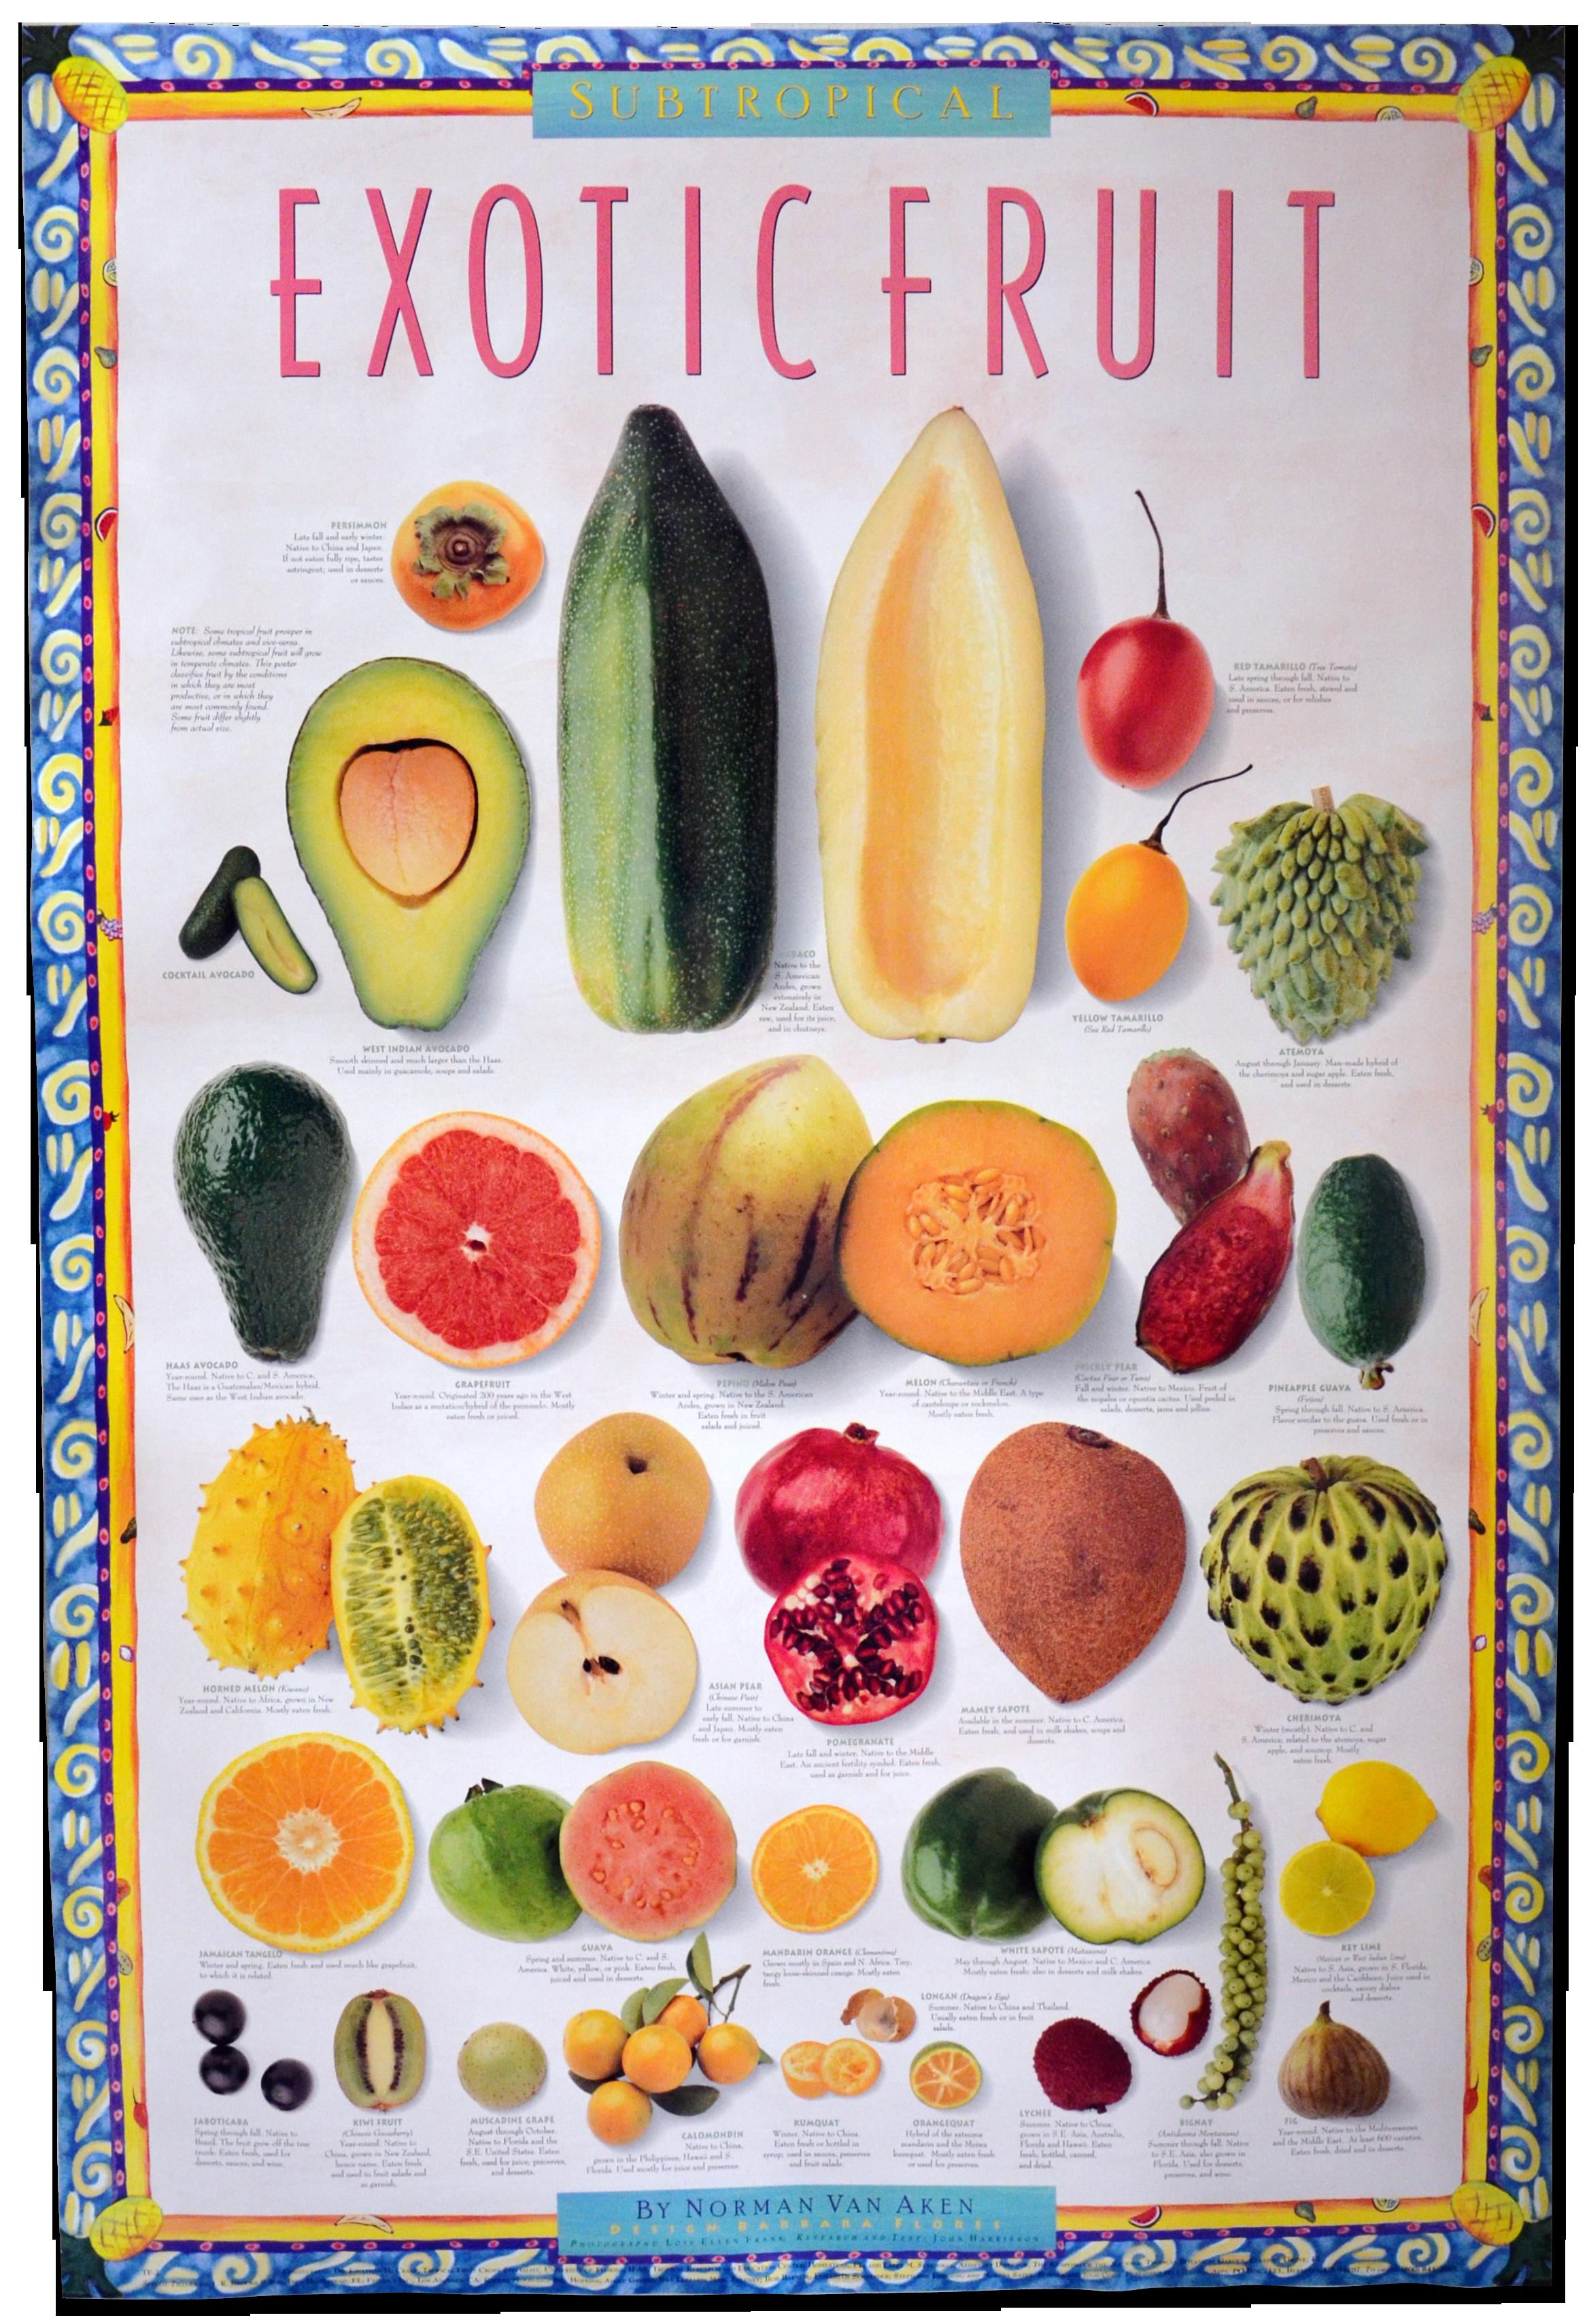 SUBTROPICAL FRUITS